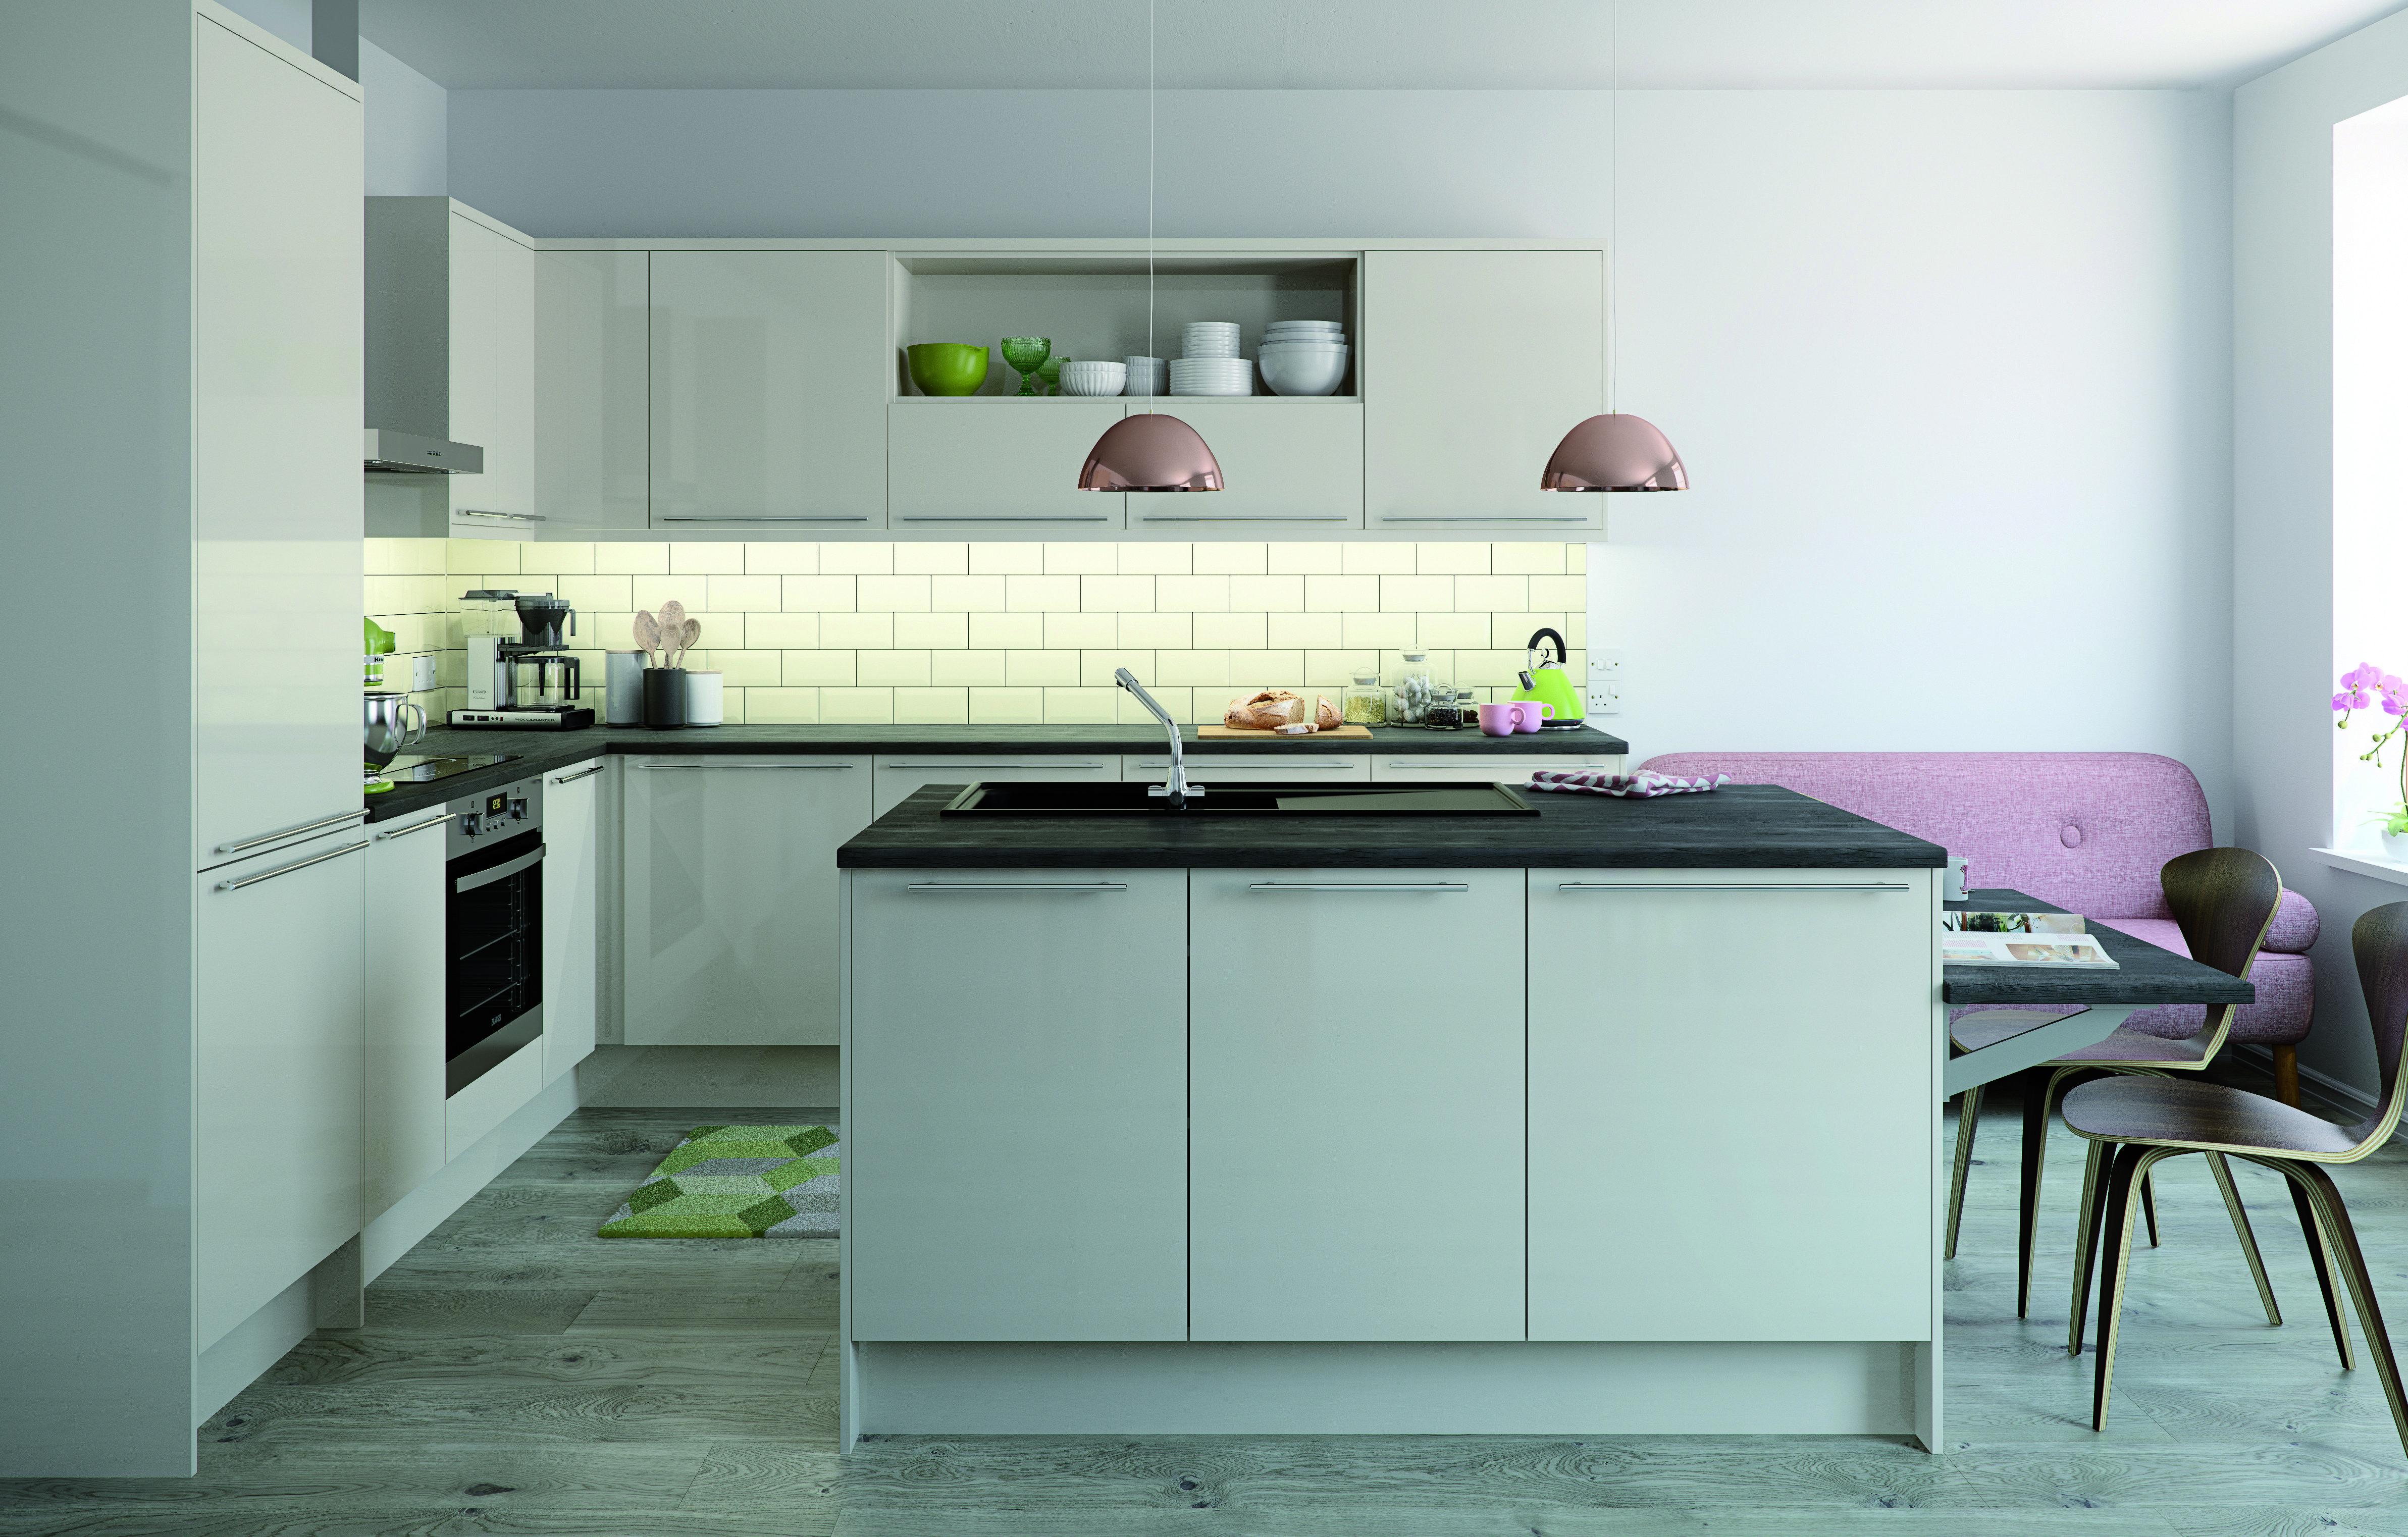 Magnet Winter sale: Stunning kitchen designs for half price | Half ...